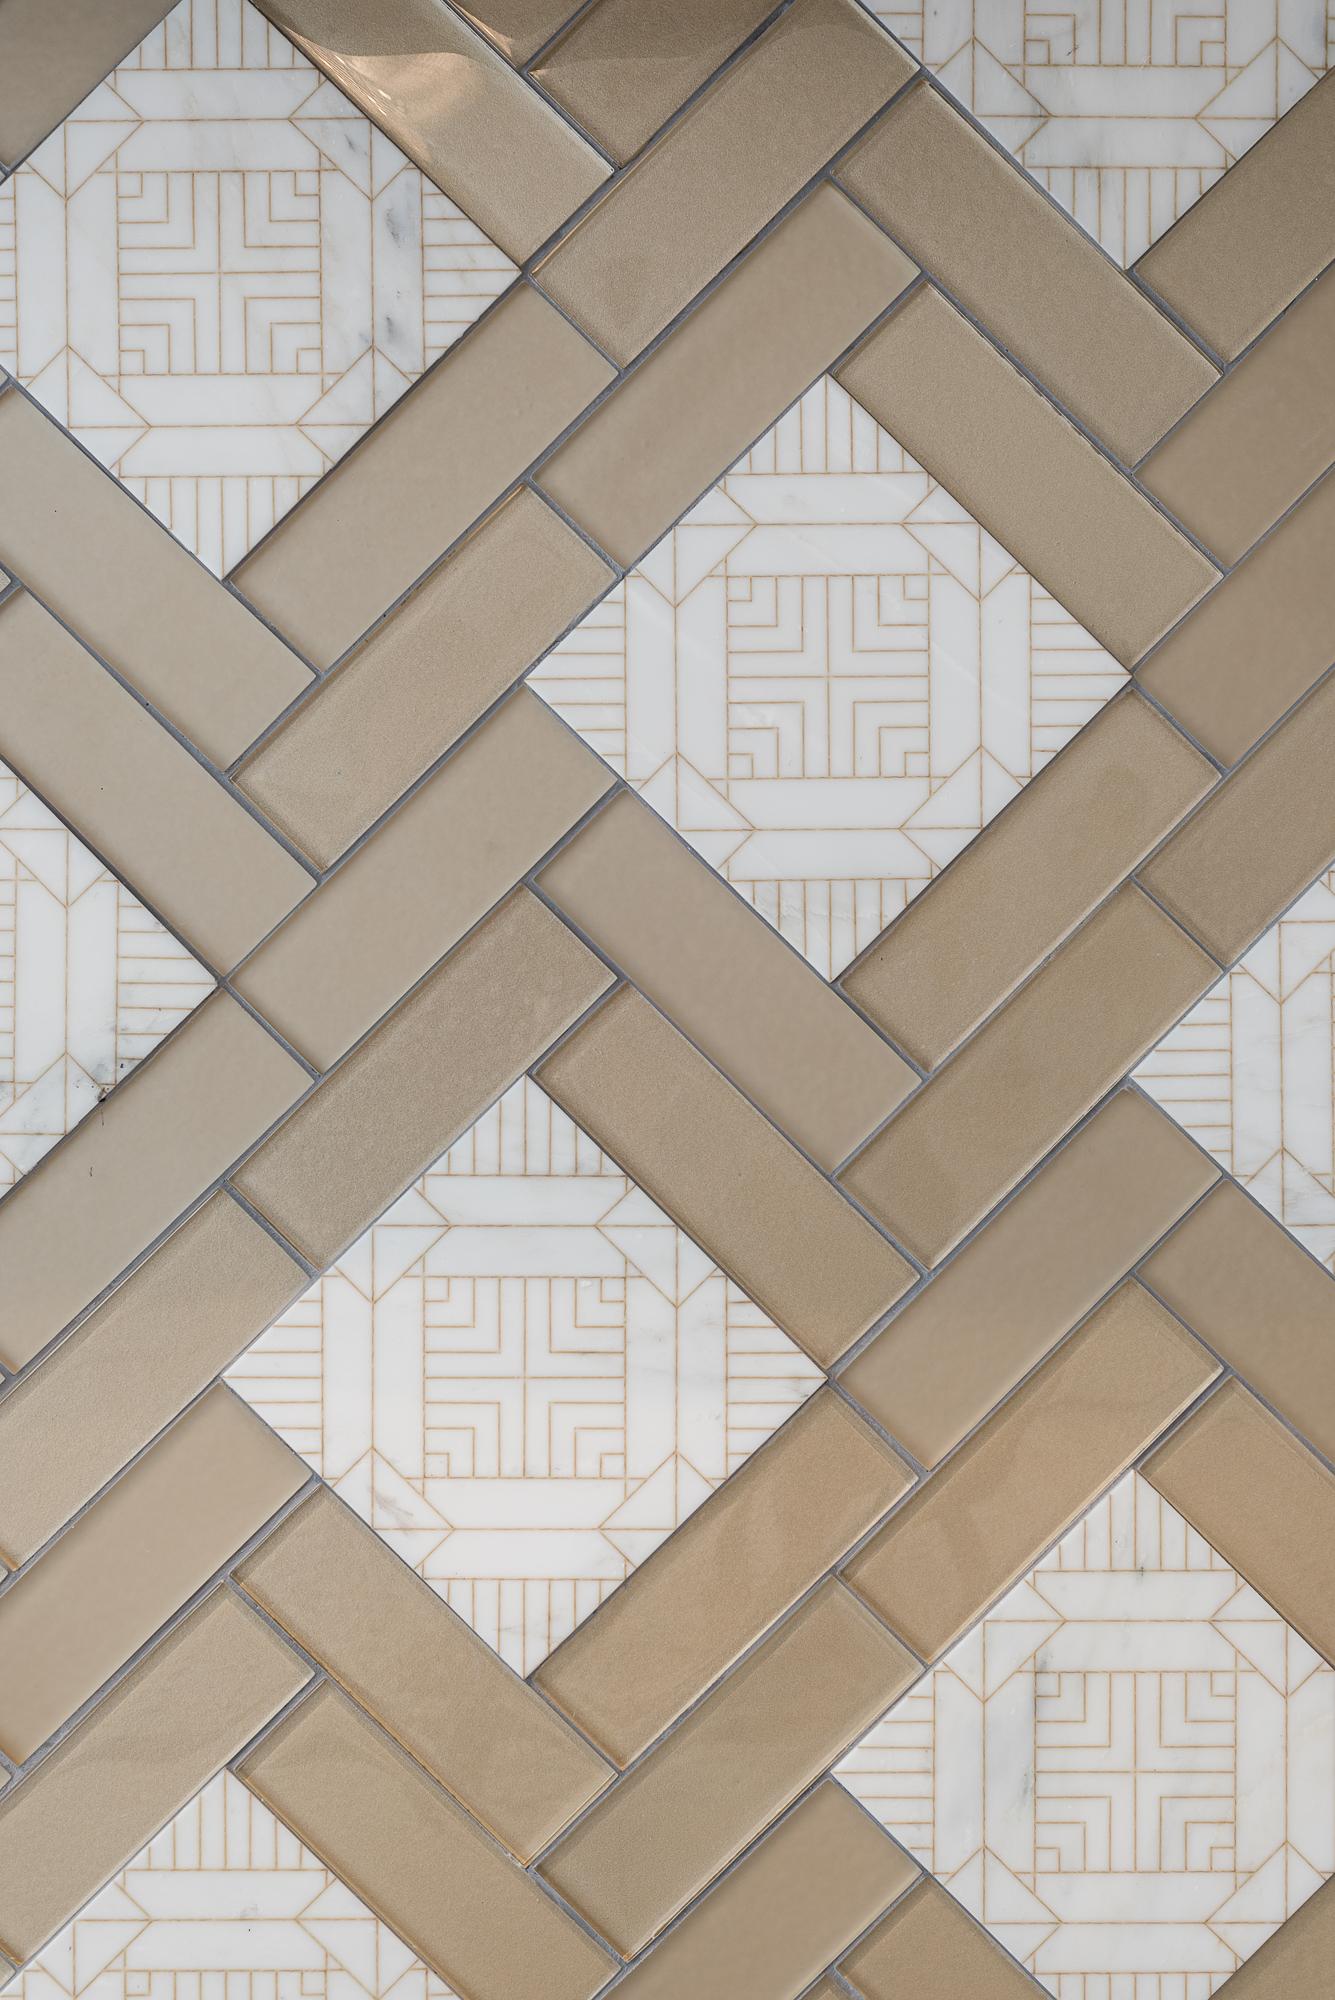 Micamy Design Studio_Interior Design_Clay Theatre_Event Space_Venue_Custom_Art Deco_Modern_Thassos Marble_Deco Pattern_Herringbone_Tile Design.jpg